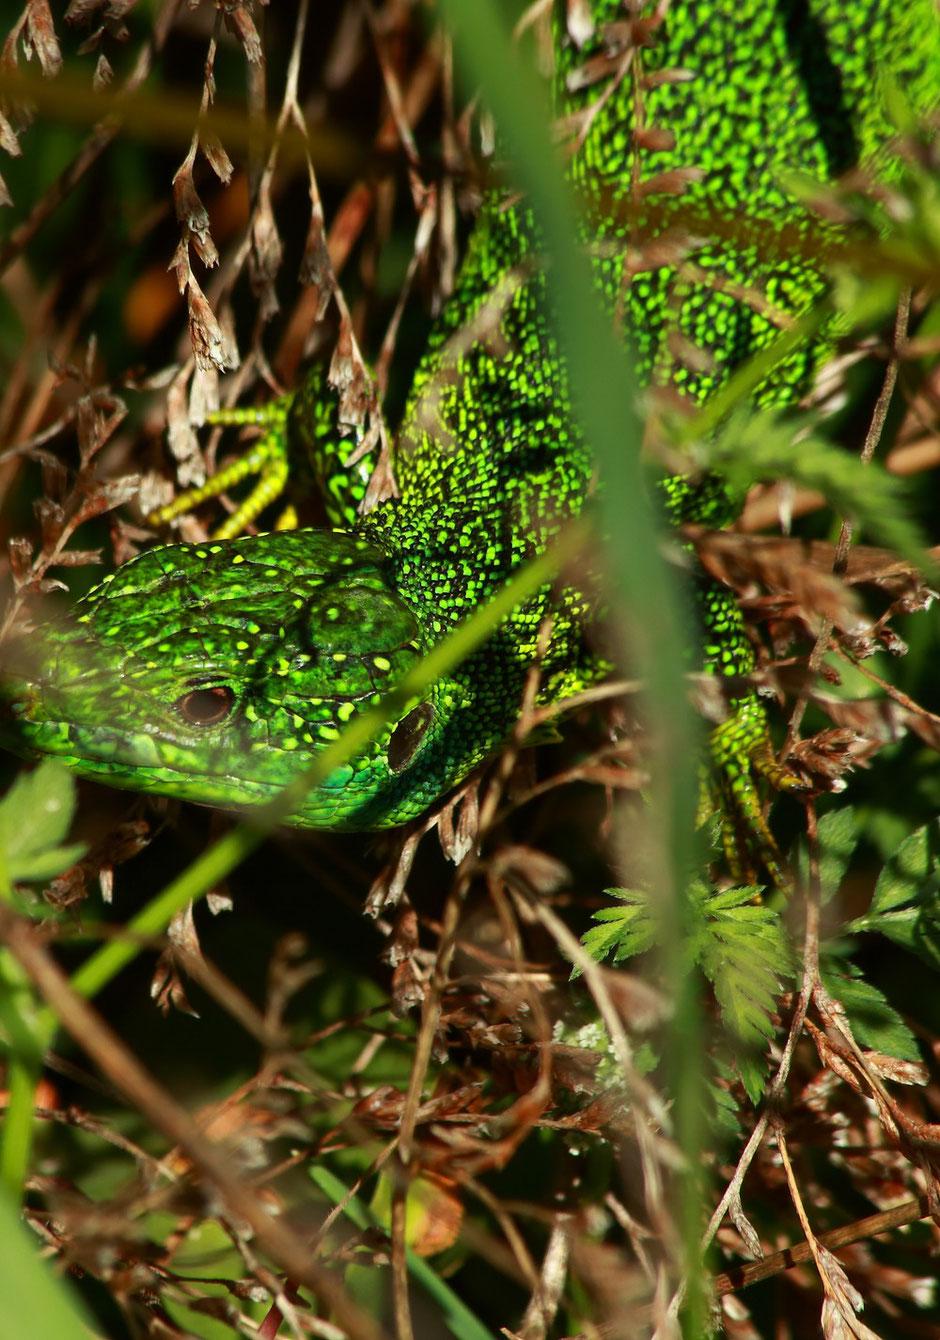 CAMARGUE. reserve du Scamandre. week end nature en Camargue. www.missaventure.com blog d'aventures, nature et photos.